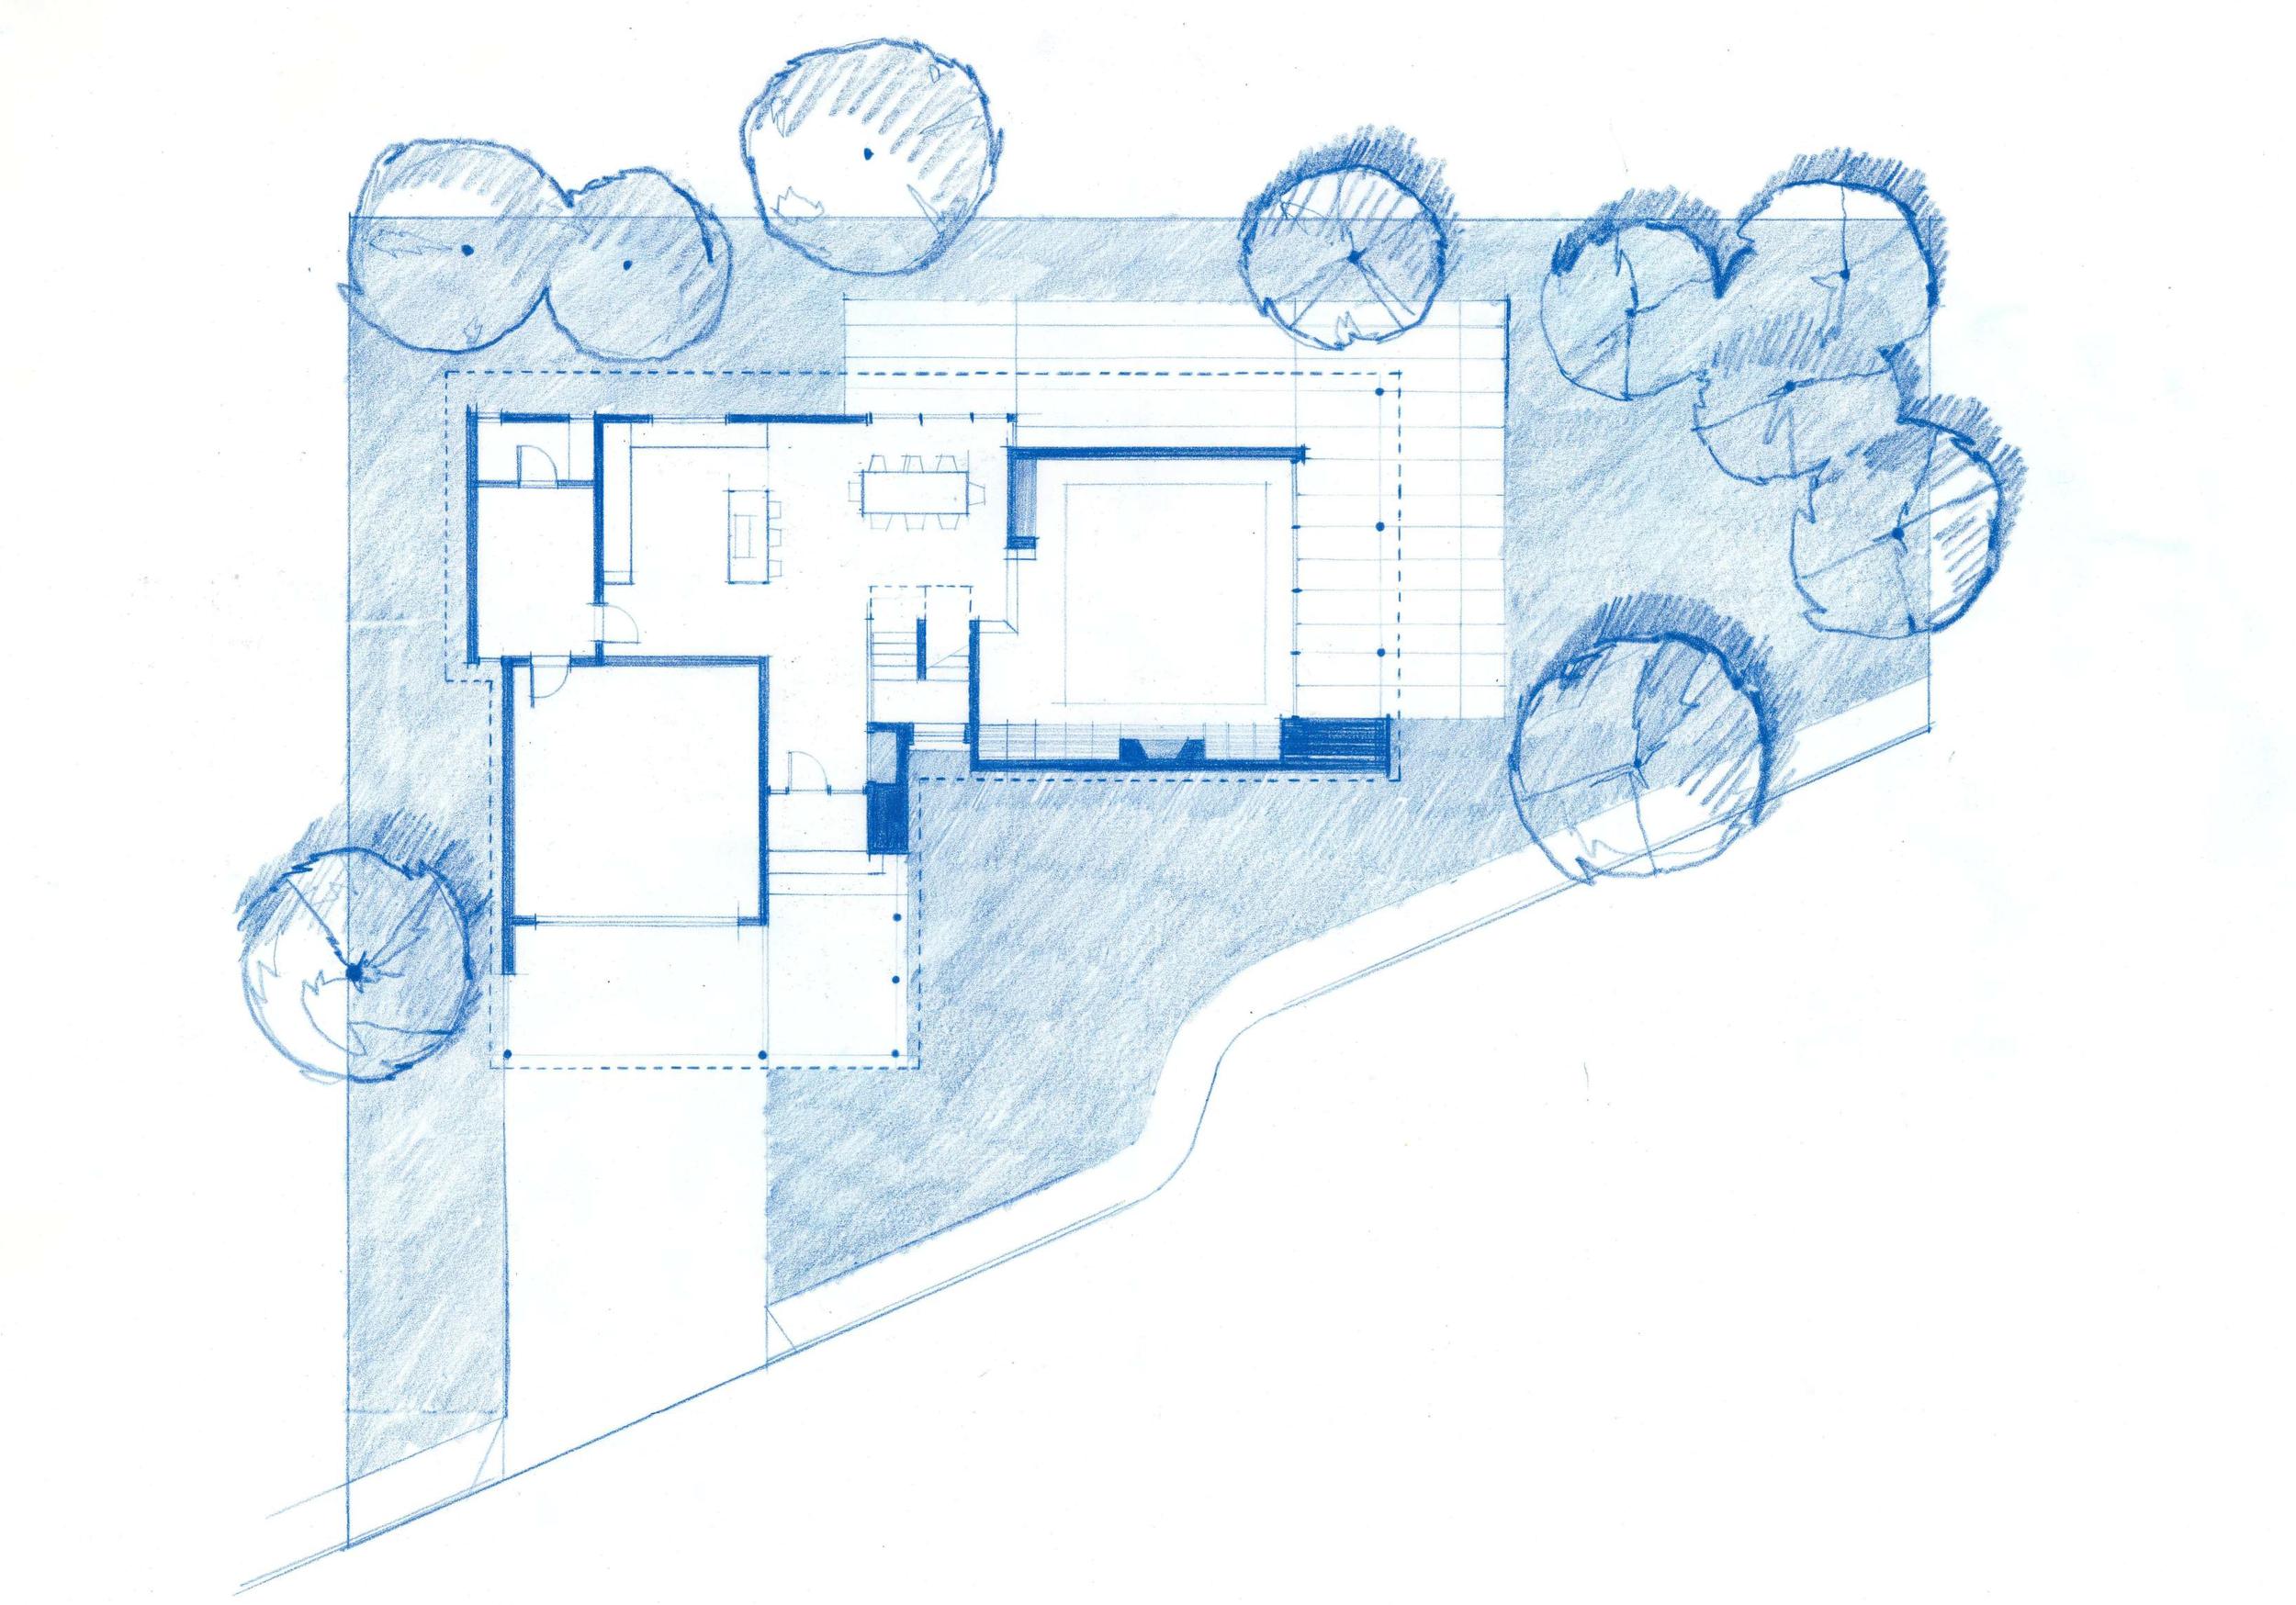 Deer Hill_4_First floor plan.png